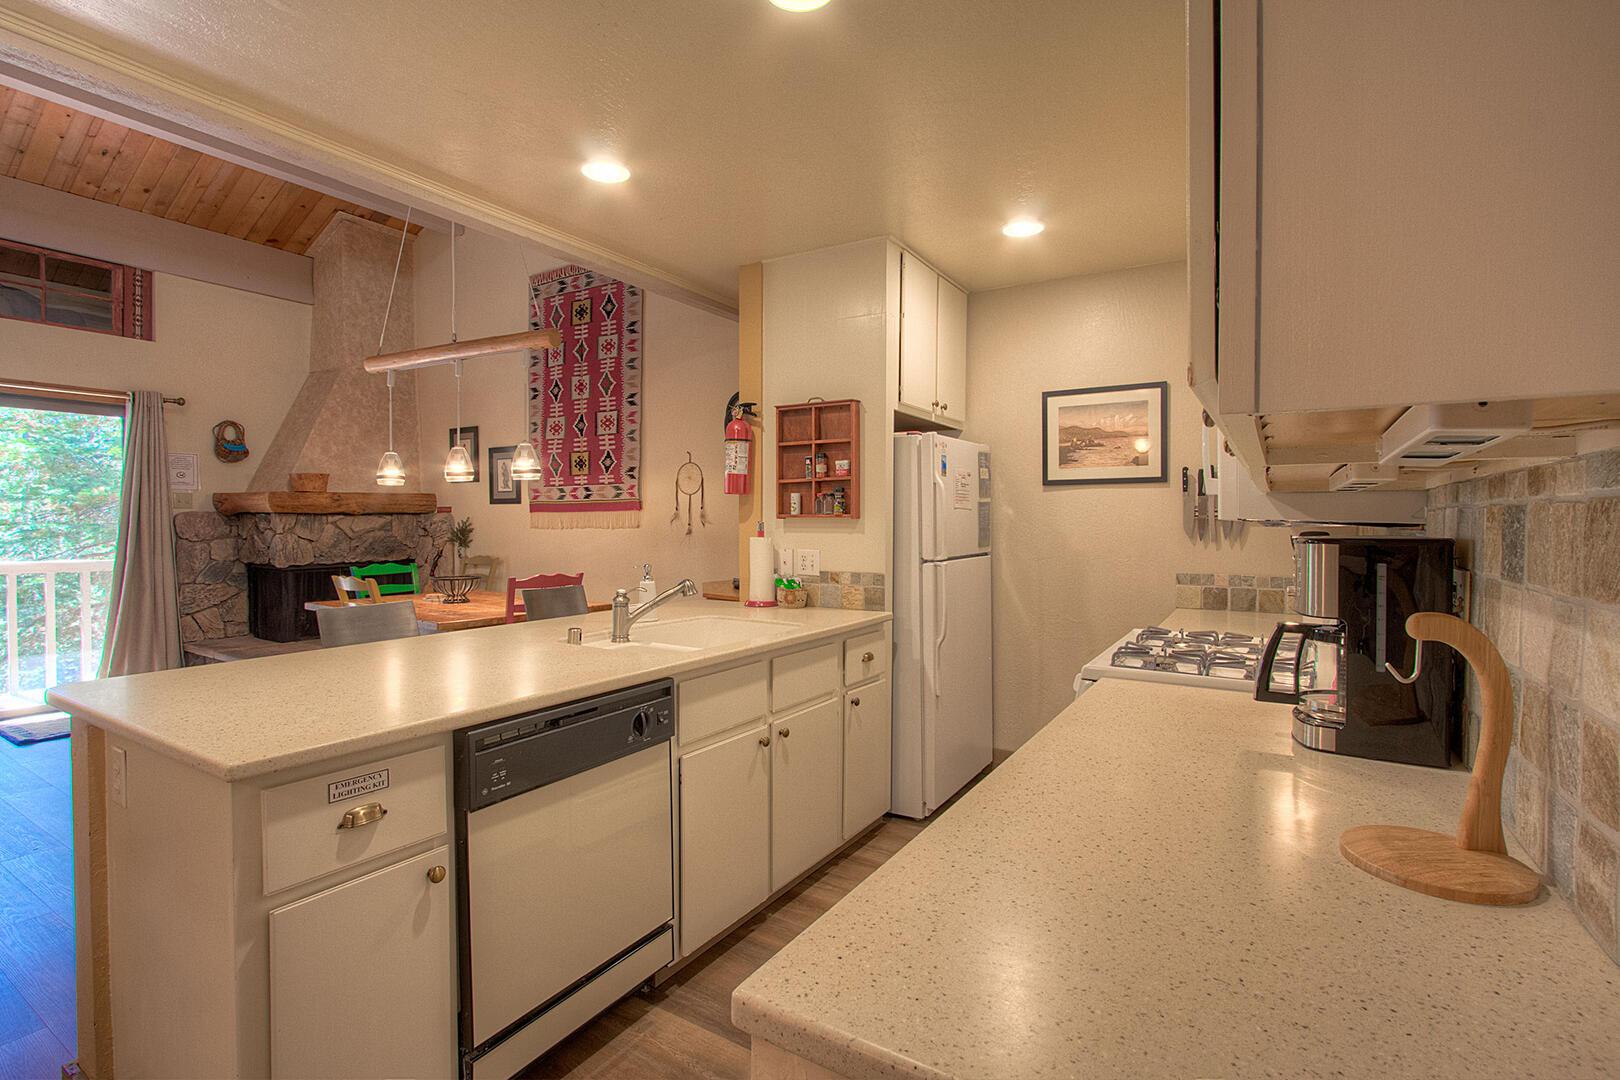 kwc0854 Kitchen